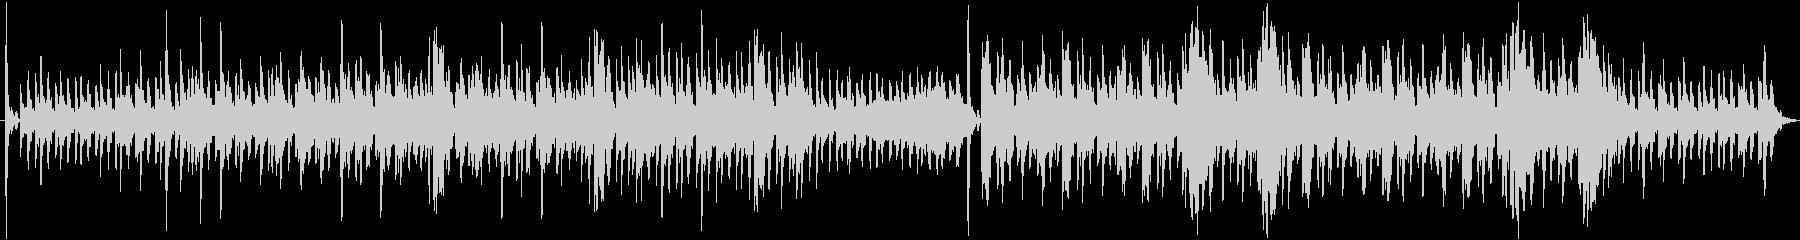 神秘的な響きが魅力なインスト曲の未再生の波形